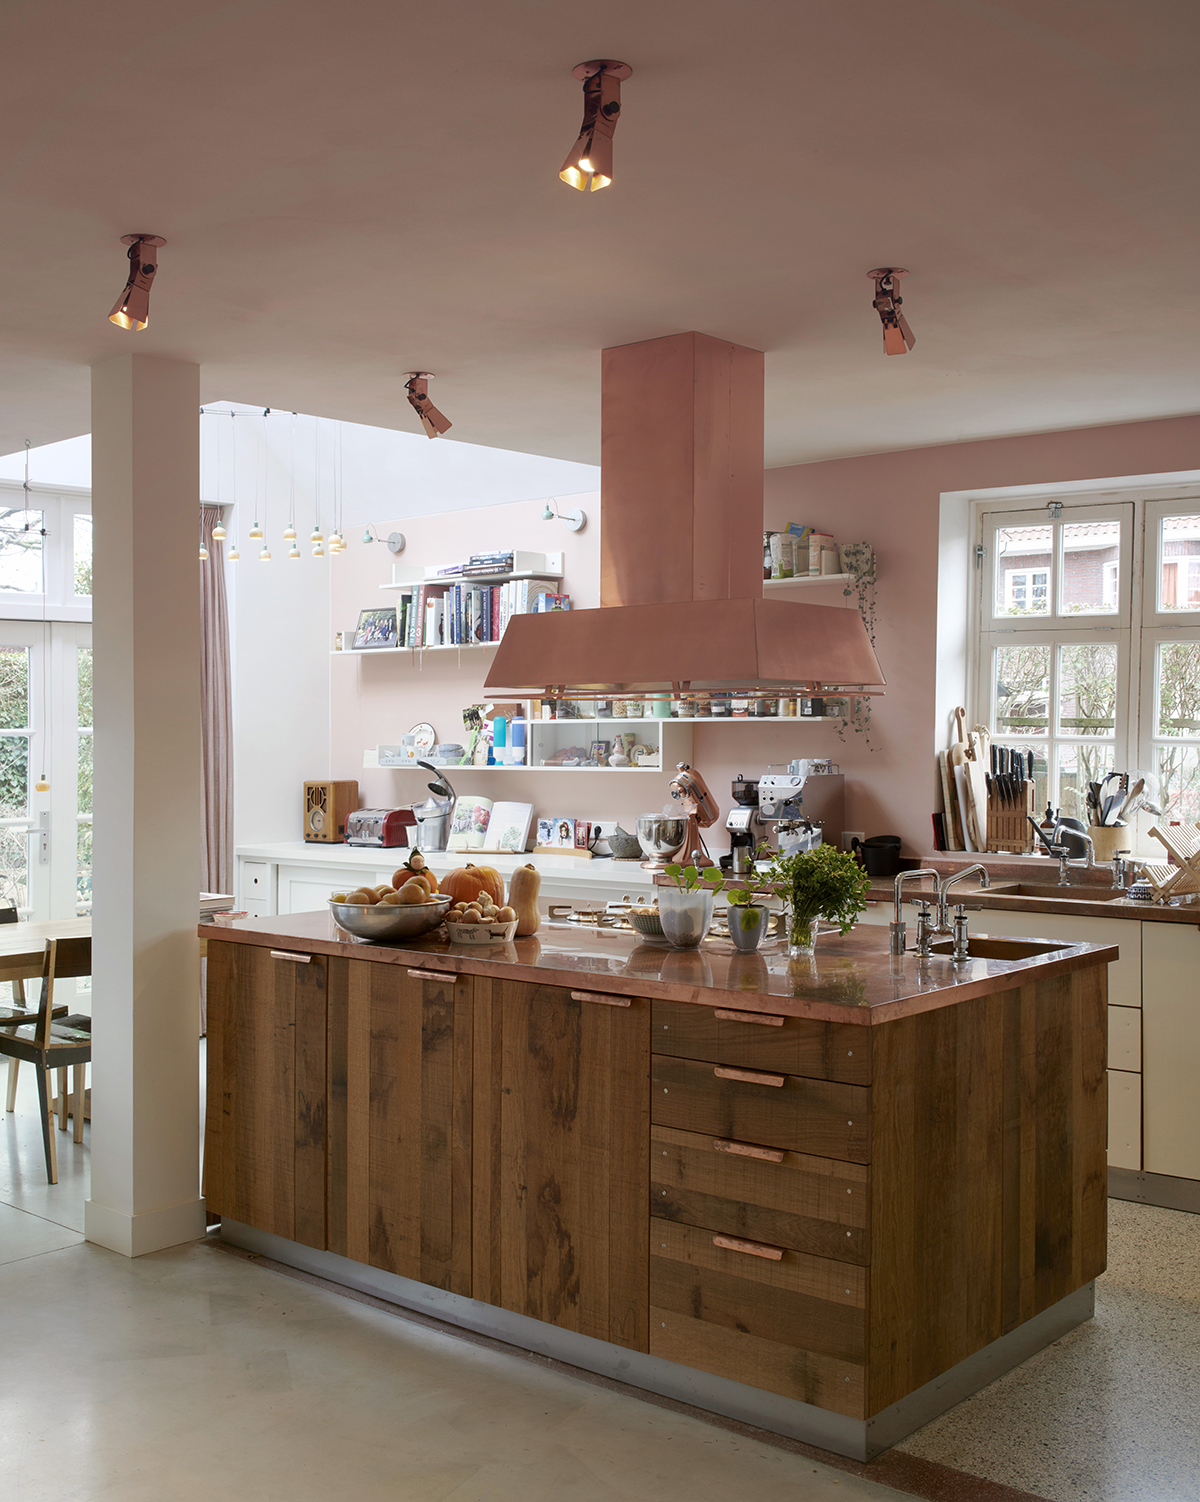 Kueche in Eindhoven | kitchen in Eindhoven